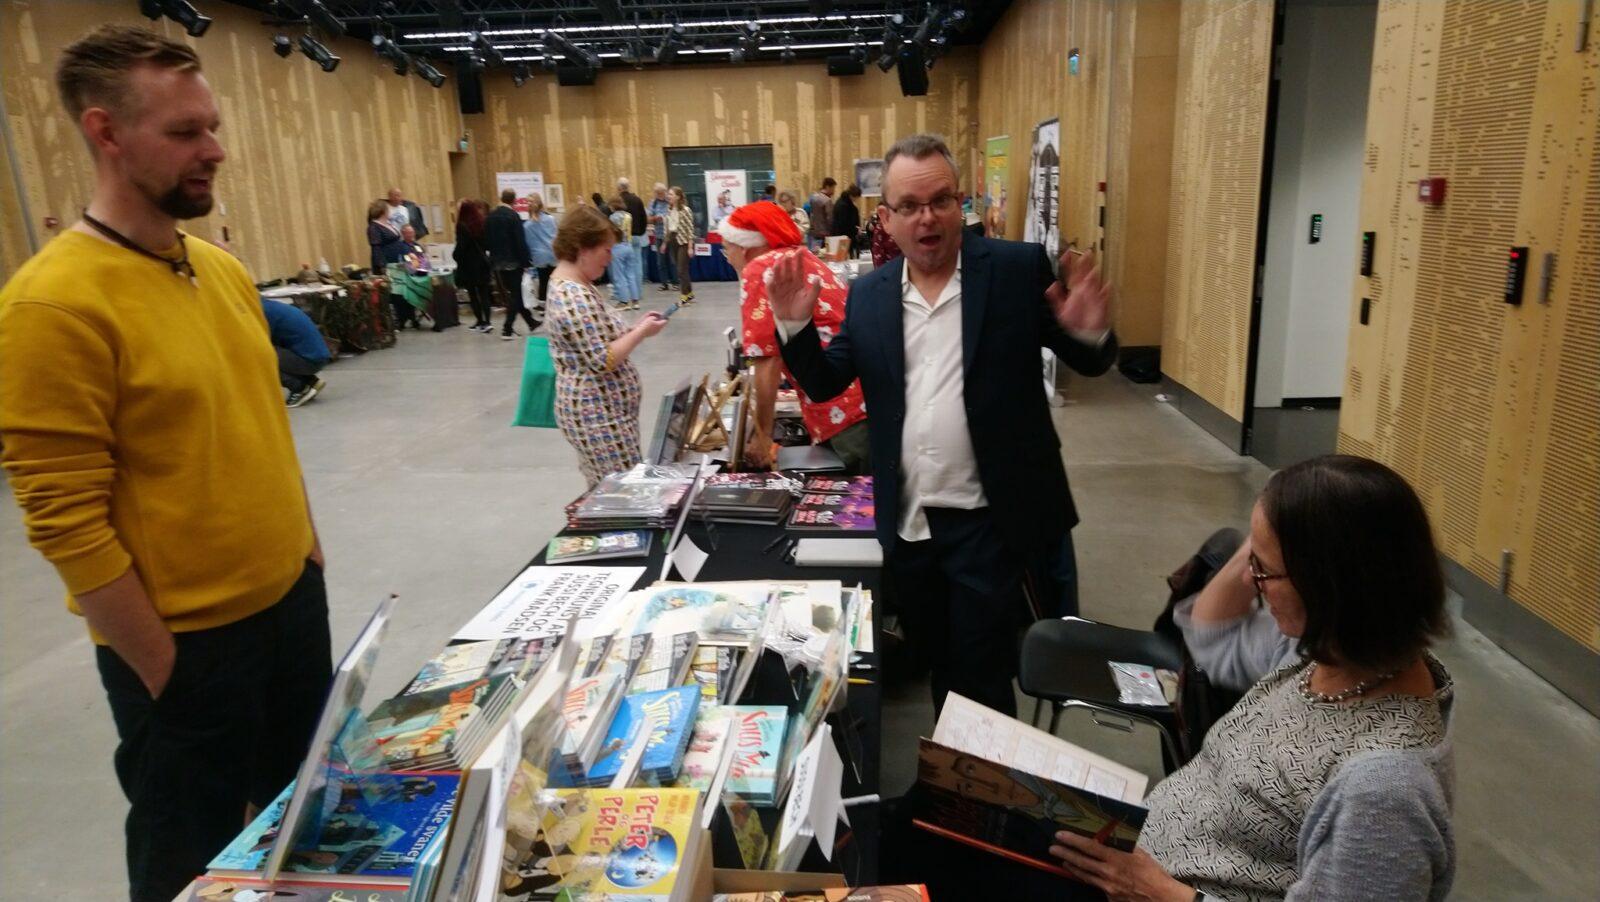 Simon Petersen klar til signering i Forlaget Eudors stand i DOKK1s Store Sal.